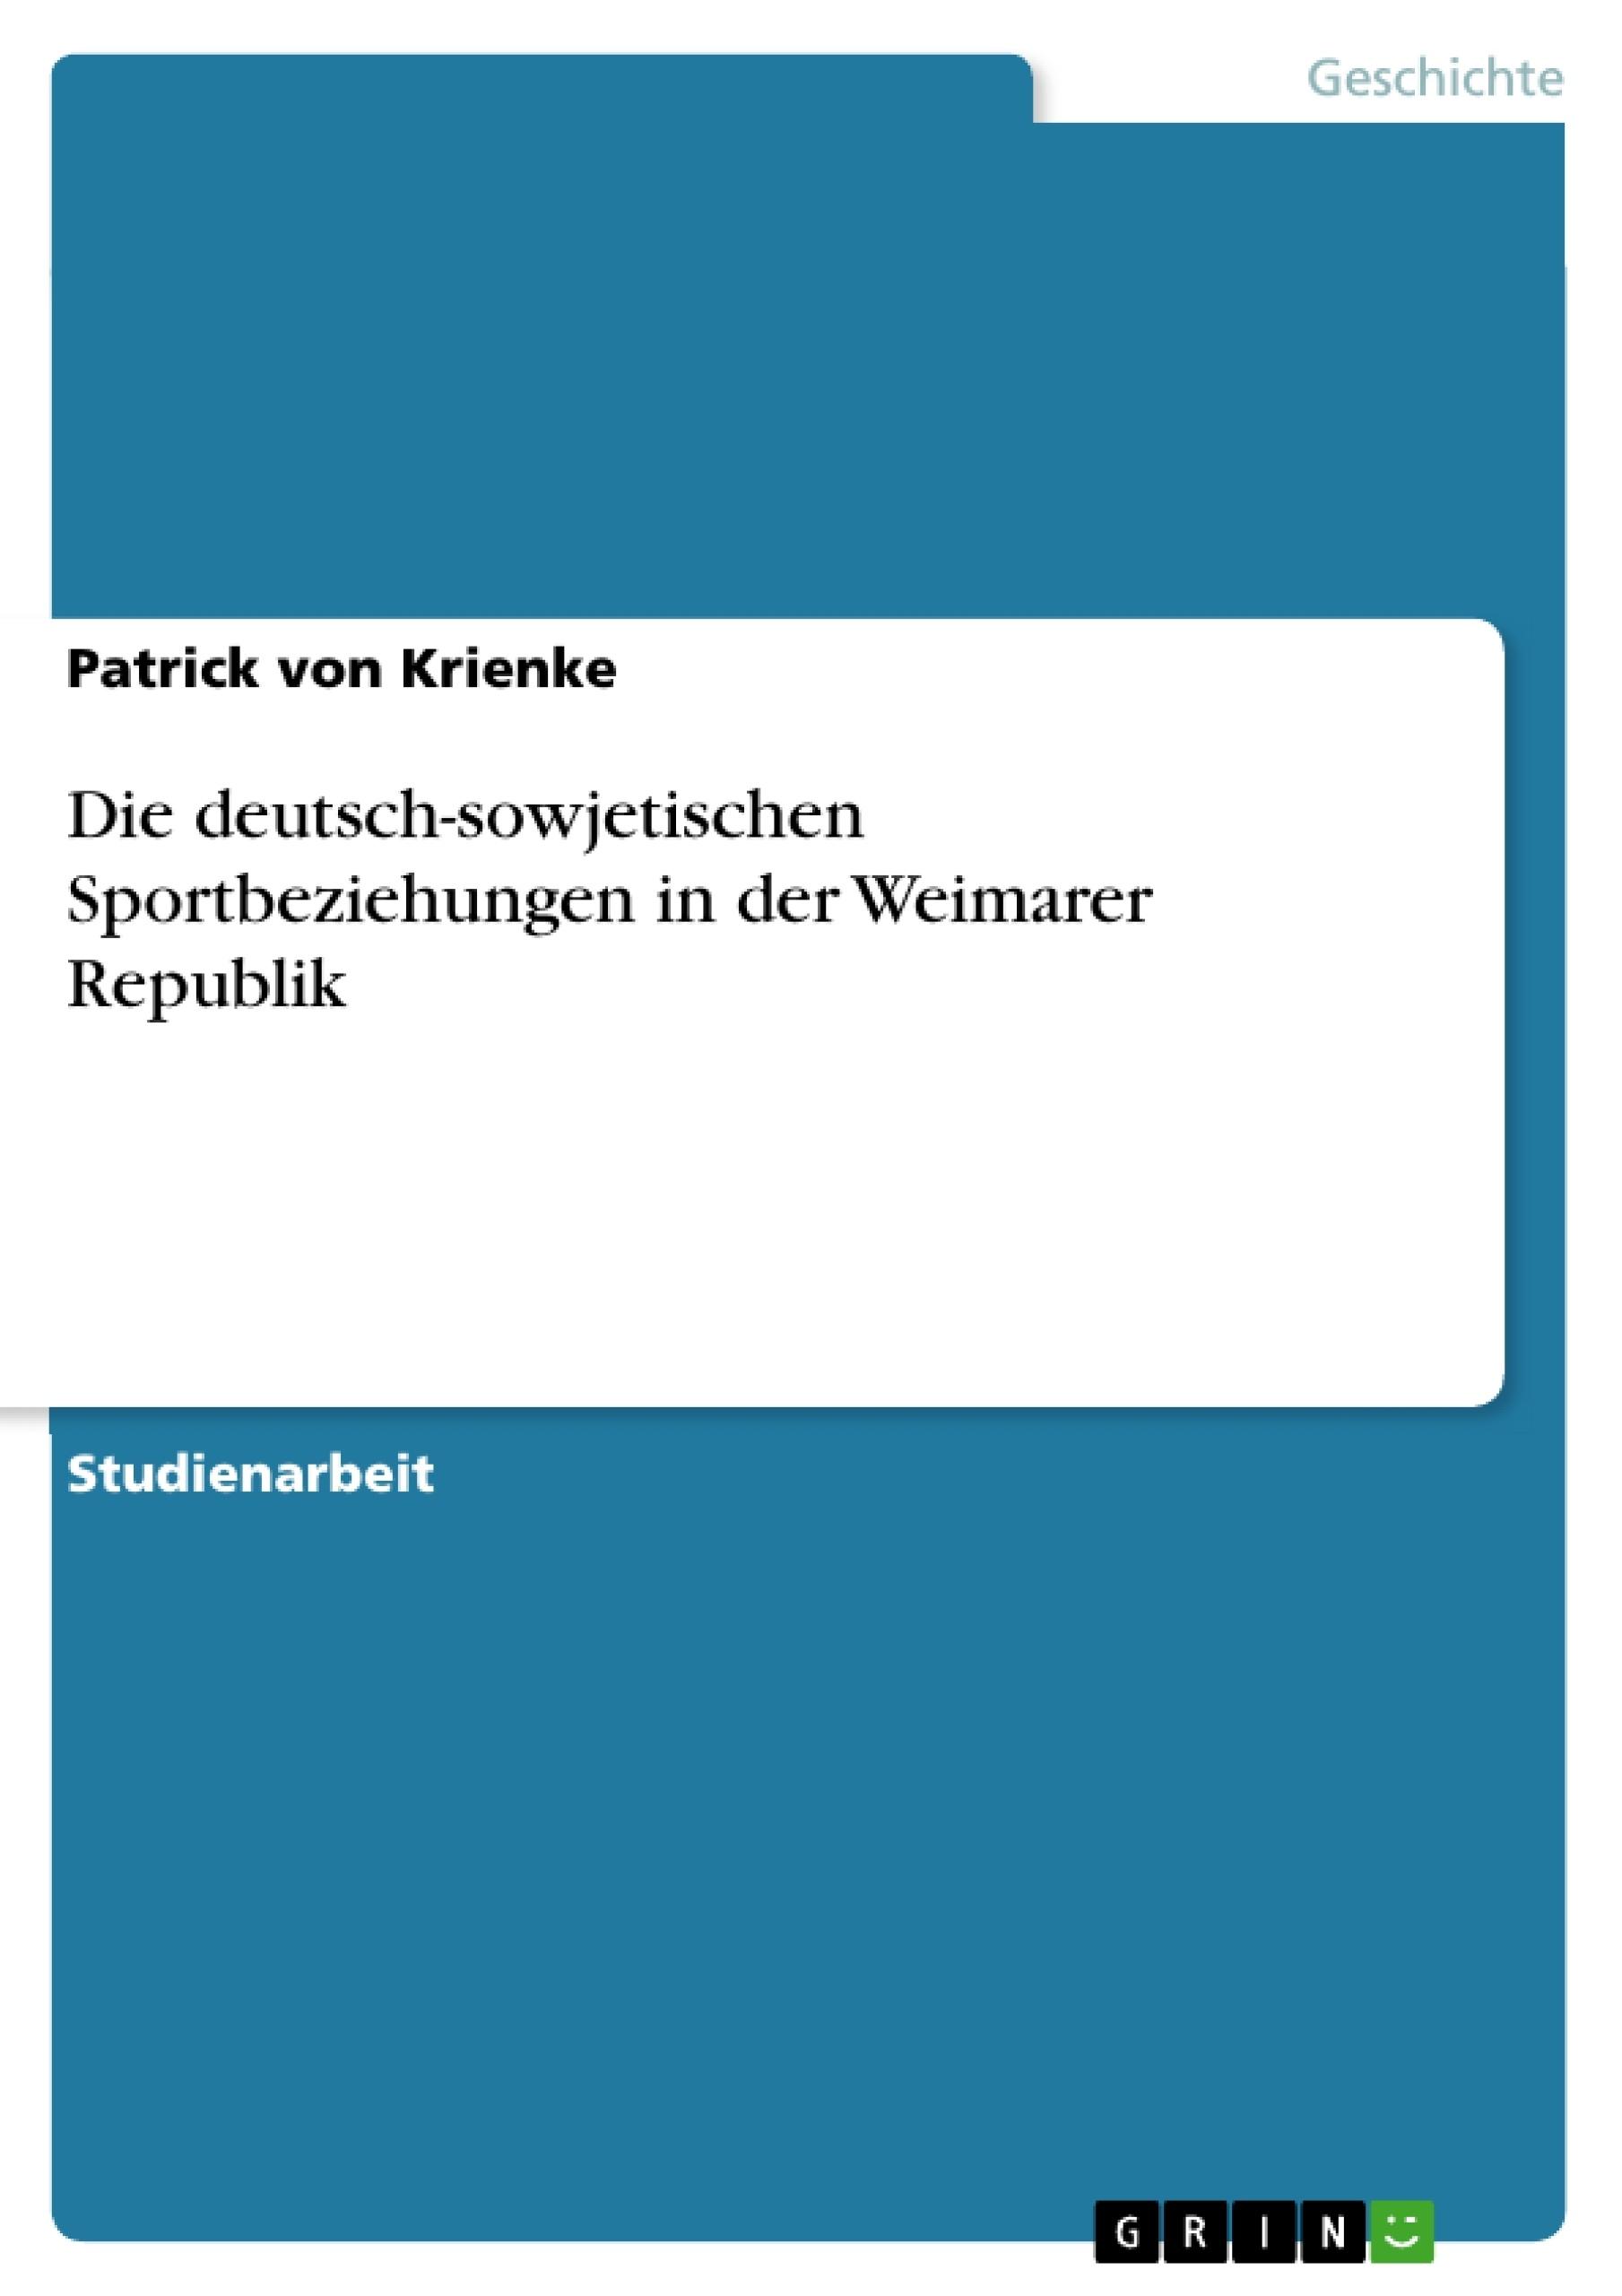 Titel: Die deutsch-sowjetischen Sportbeziehungen in der Weimarer Republik